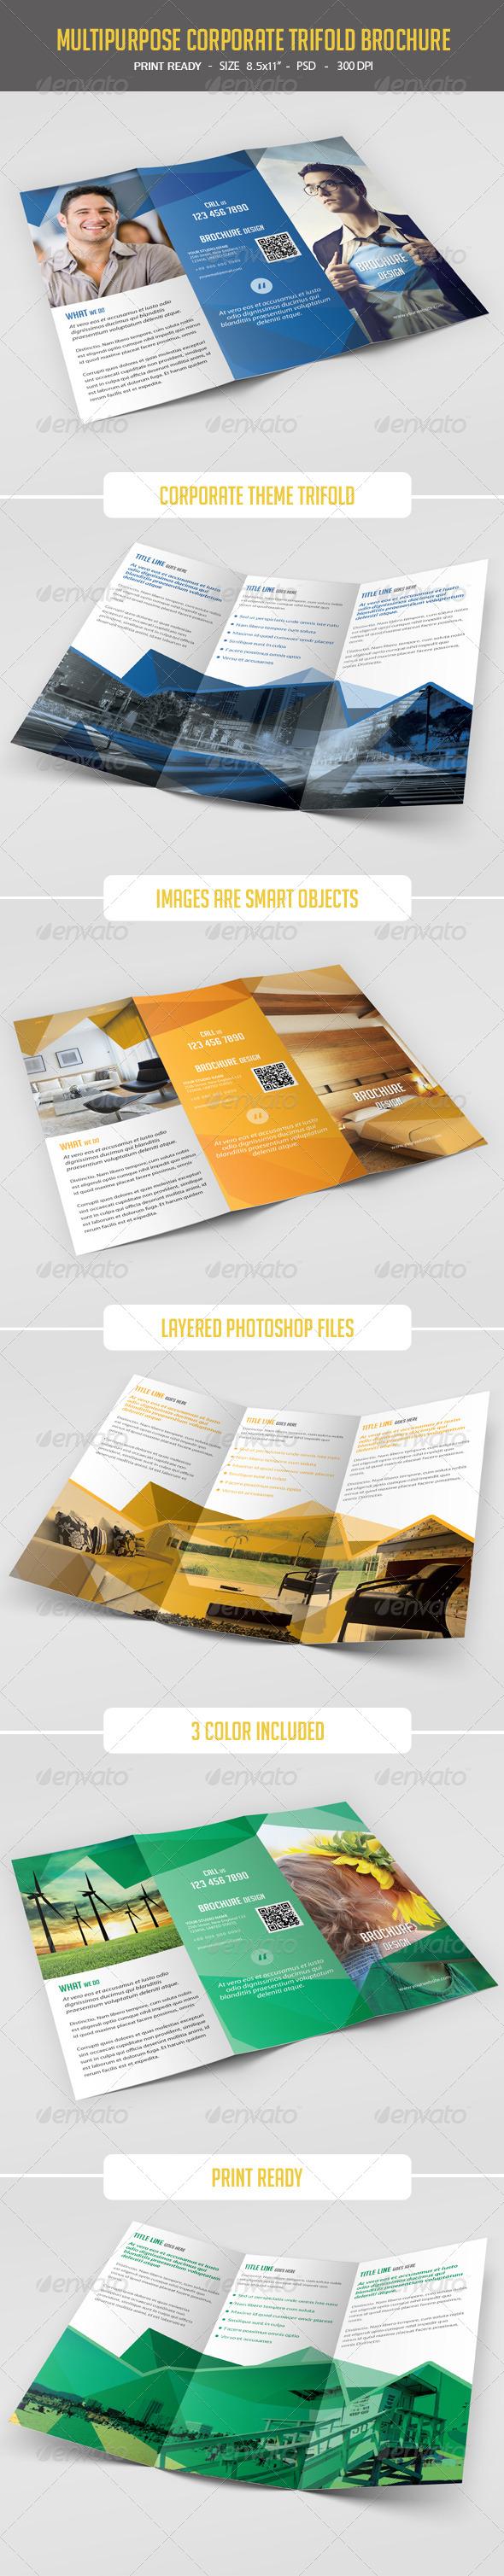 GraphicRiver Multipurpose Tri-Fold Brochure 8100943